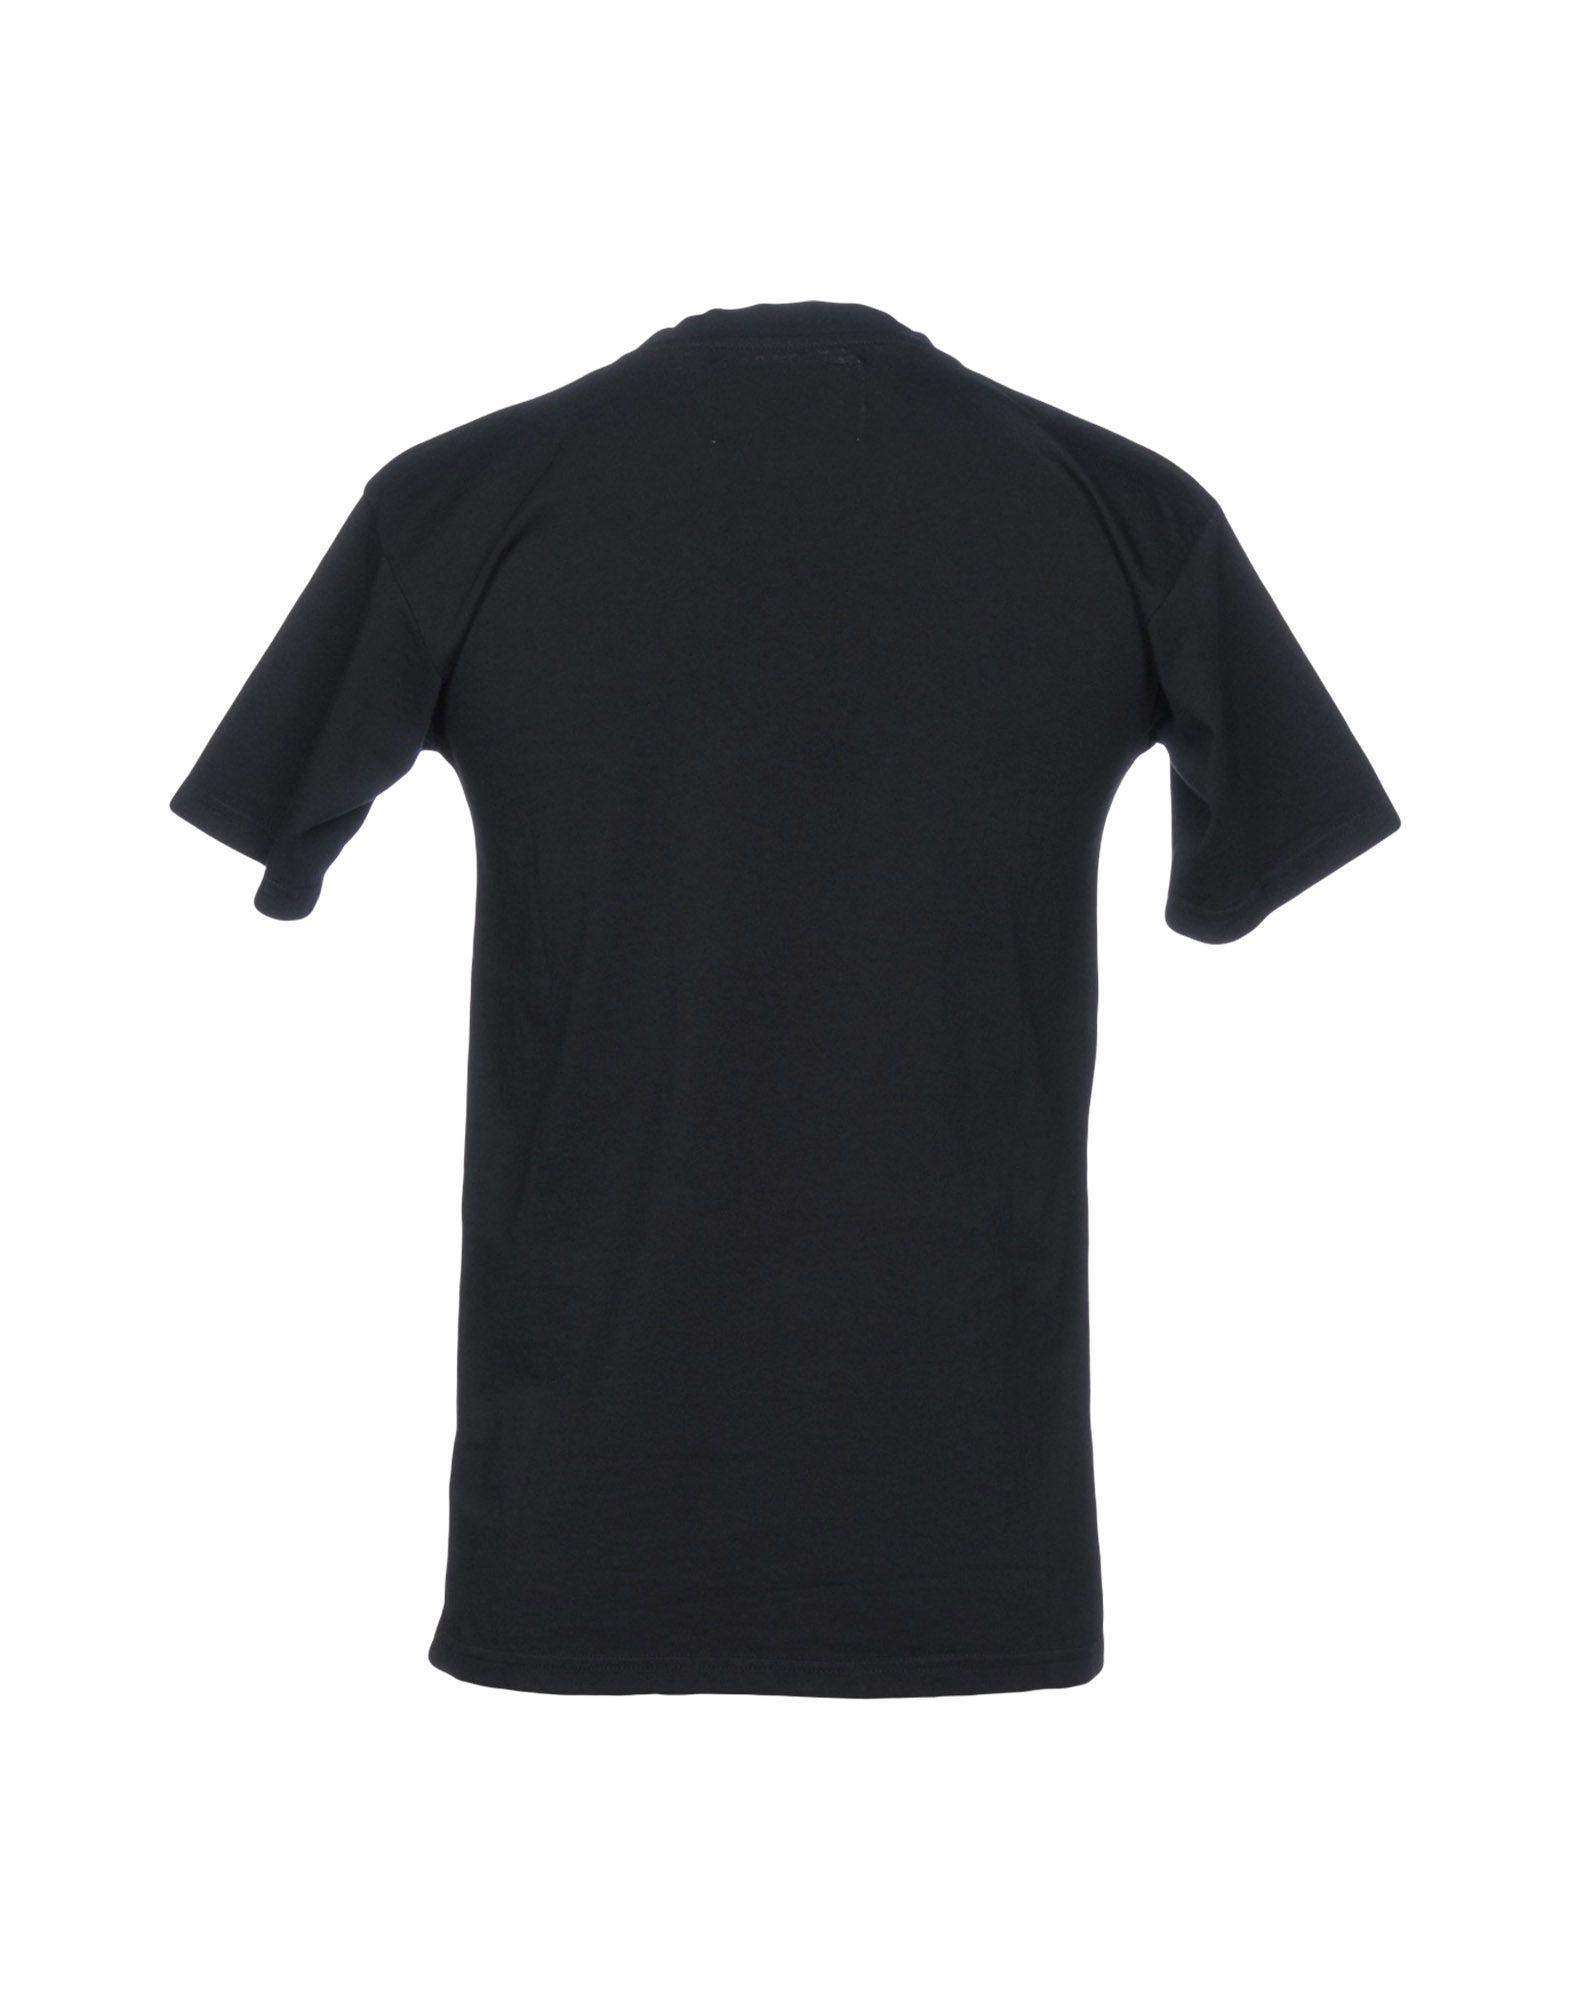 T-Shirt Han Kj Kj Han benhavn Uomo - 12168754CN cd0fce